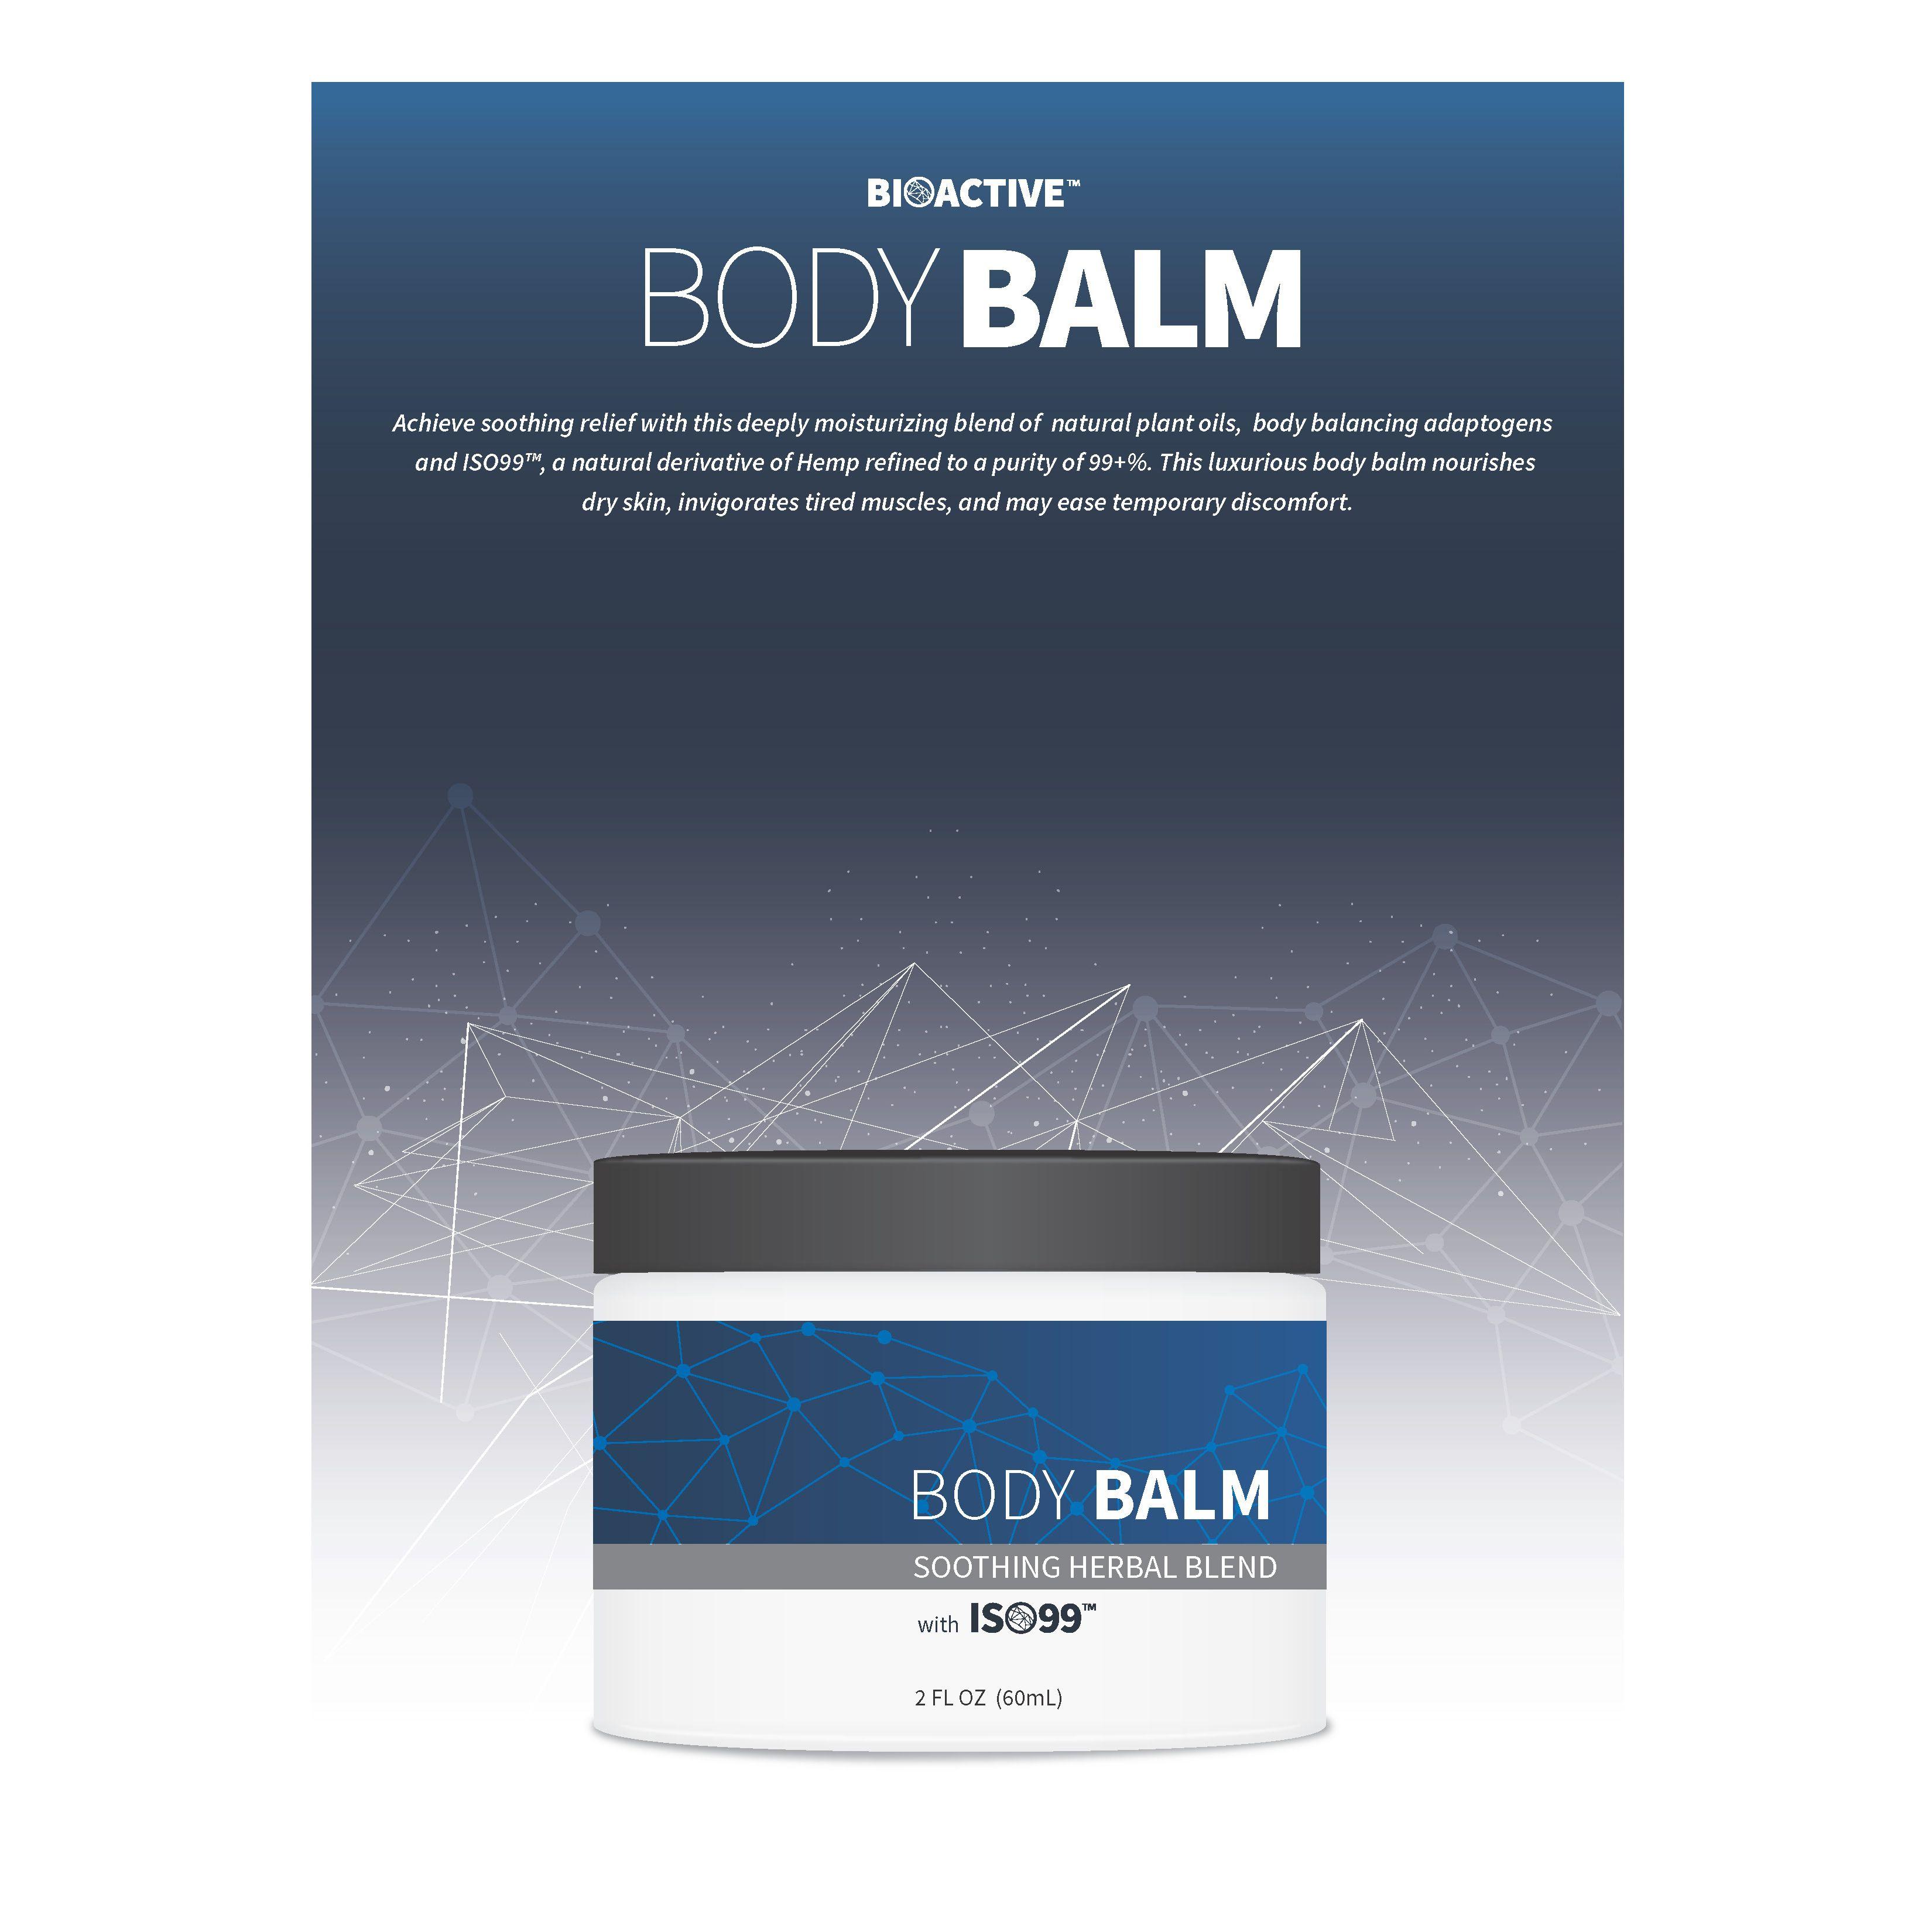 Bioactive Body Balm